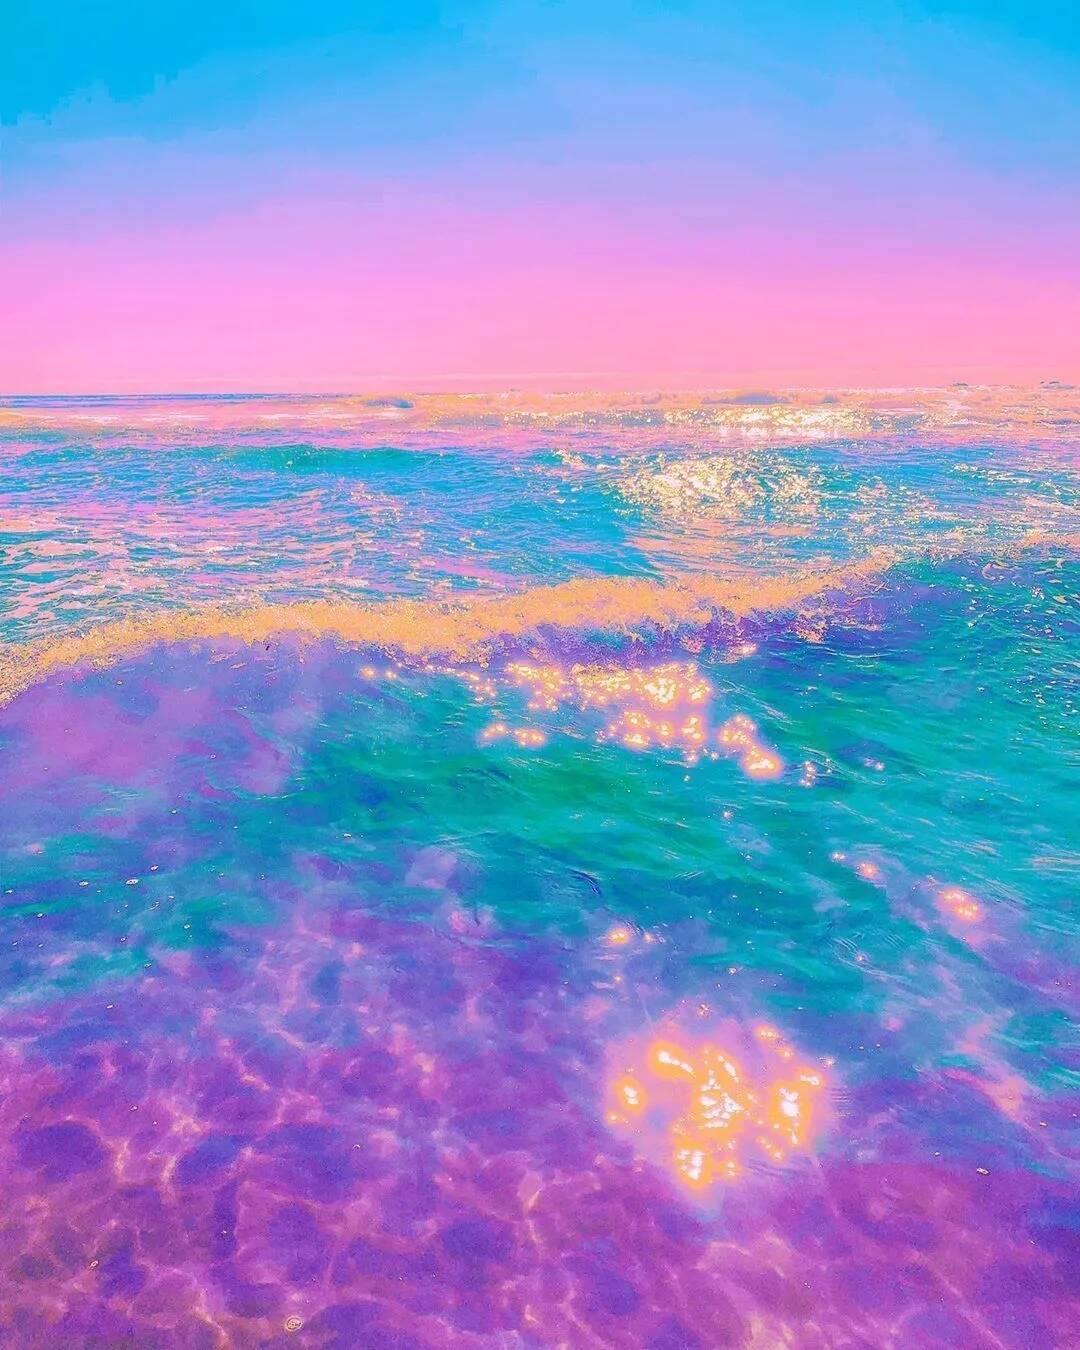 当彩虹和星星落进海洋,重庆美术培训美术生:都想恋爱了...!